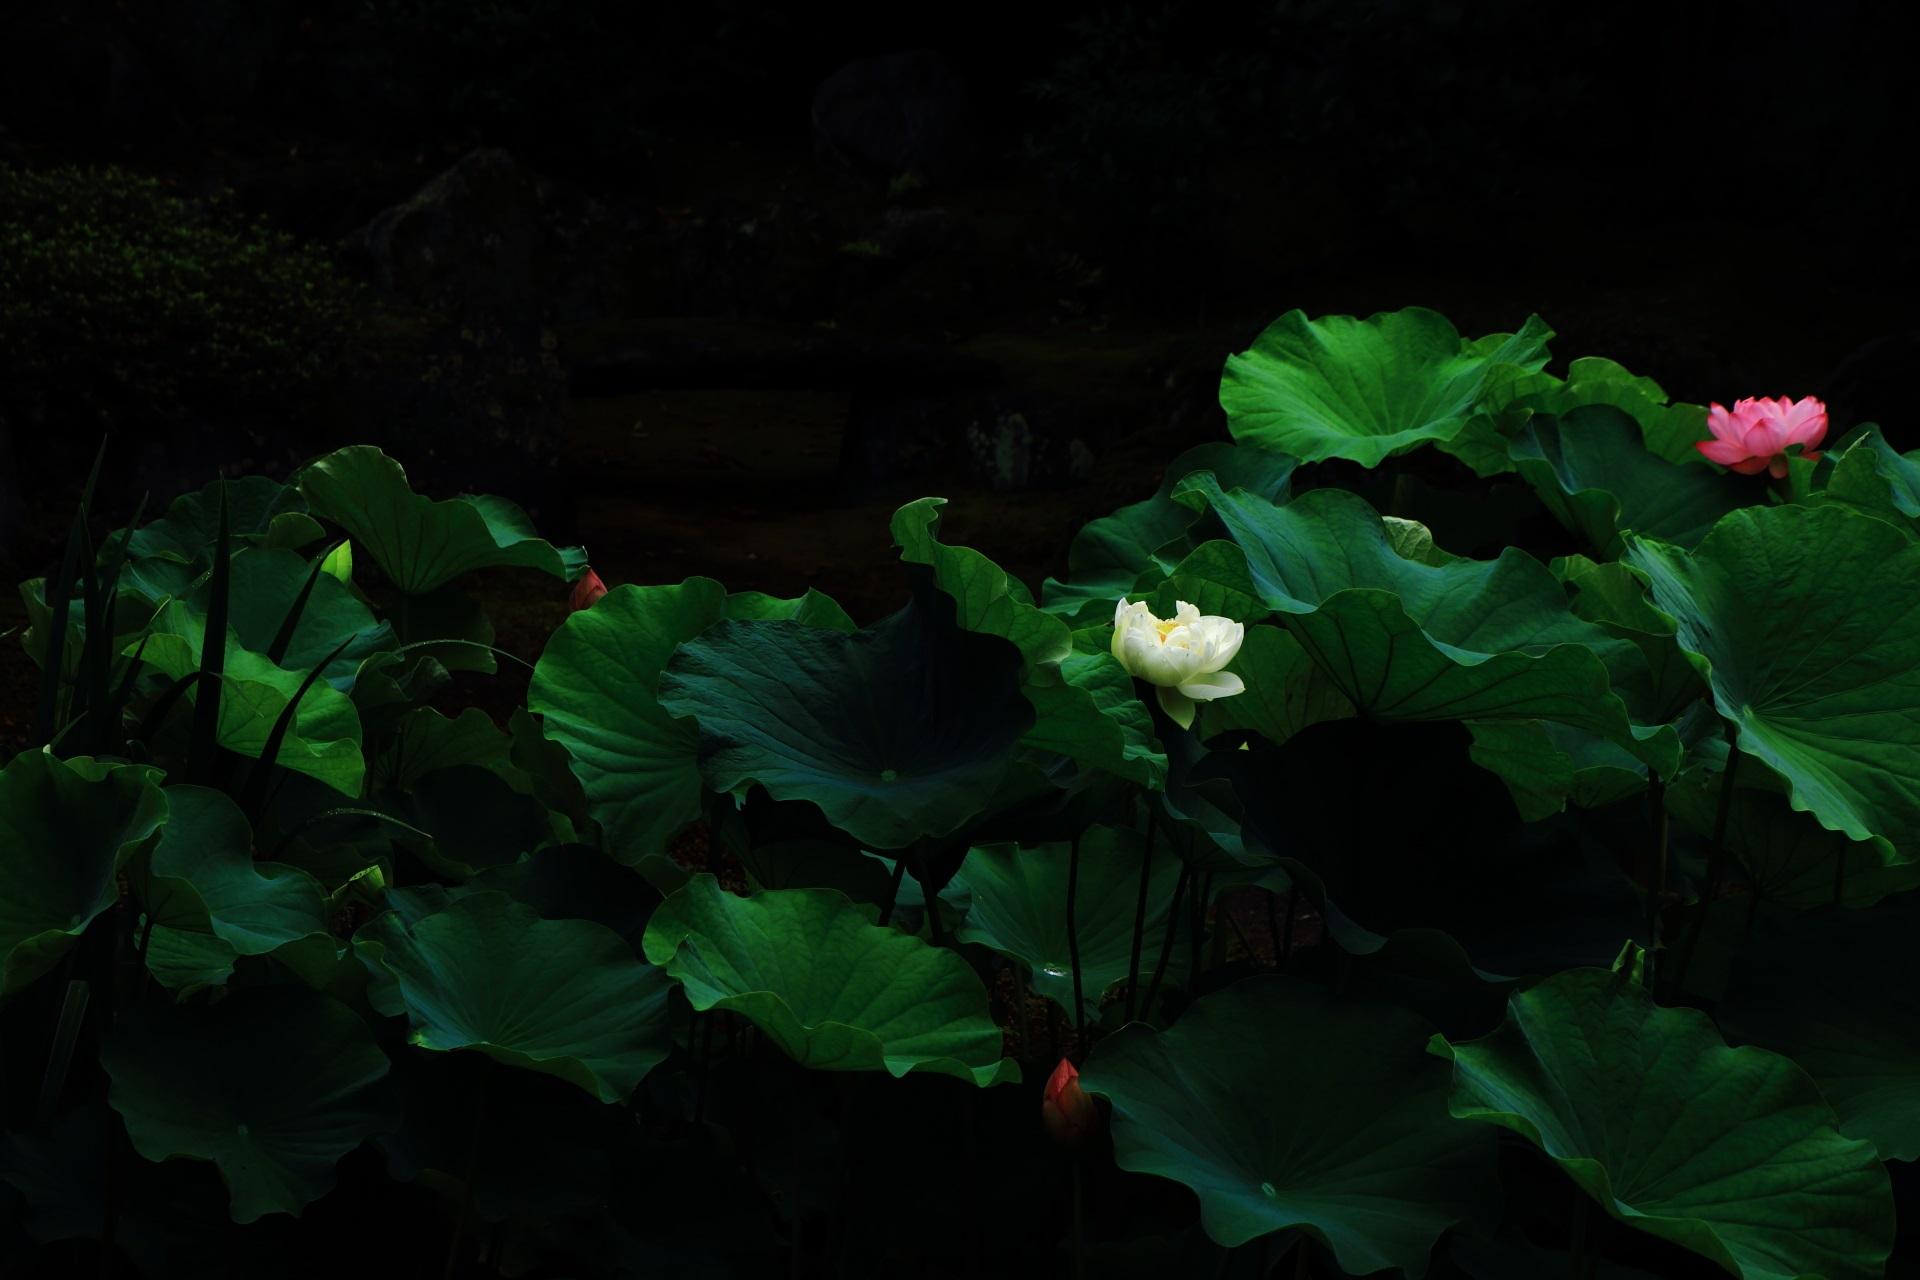 本法寺の闇の中で浮かび上がる紅白の蓮の花